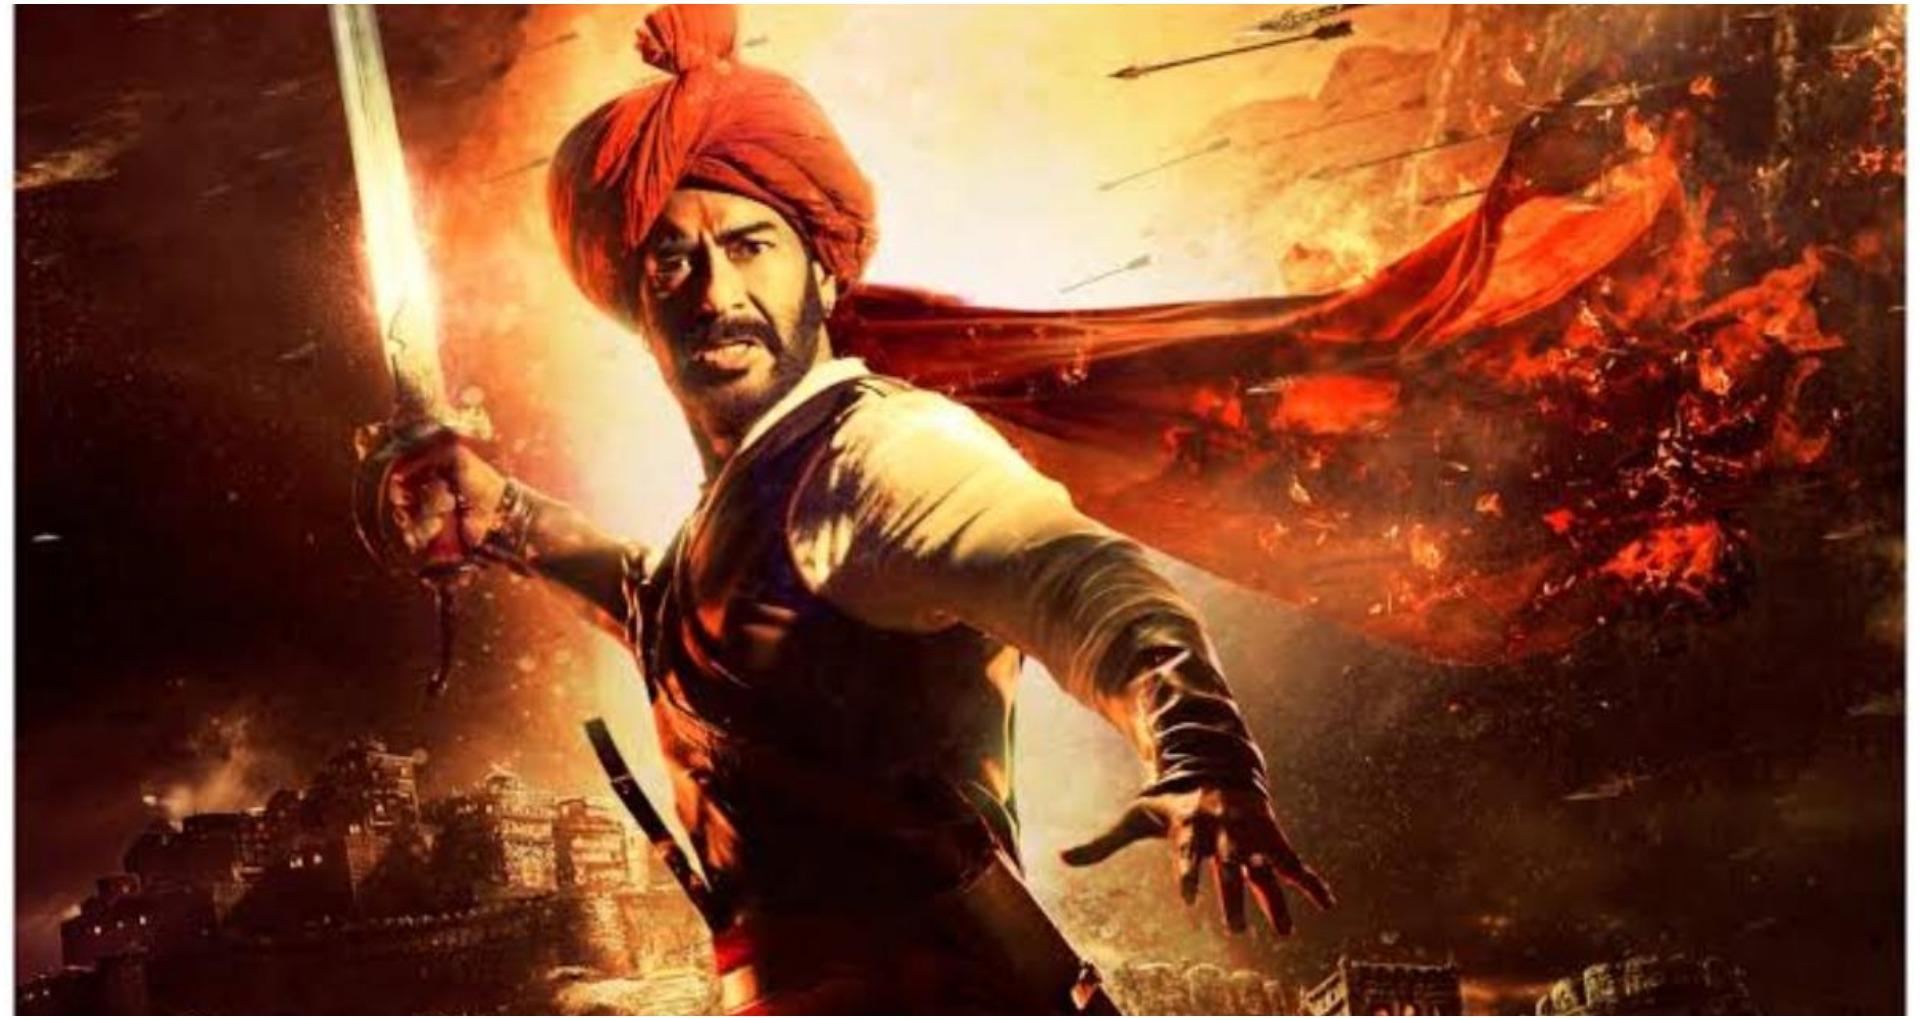 Tanhaji The Unsung Warrior Box Office Collection: अजय की तान्हाजी का बड़ा धमाल, कमाए इतने करोड़